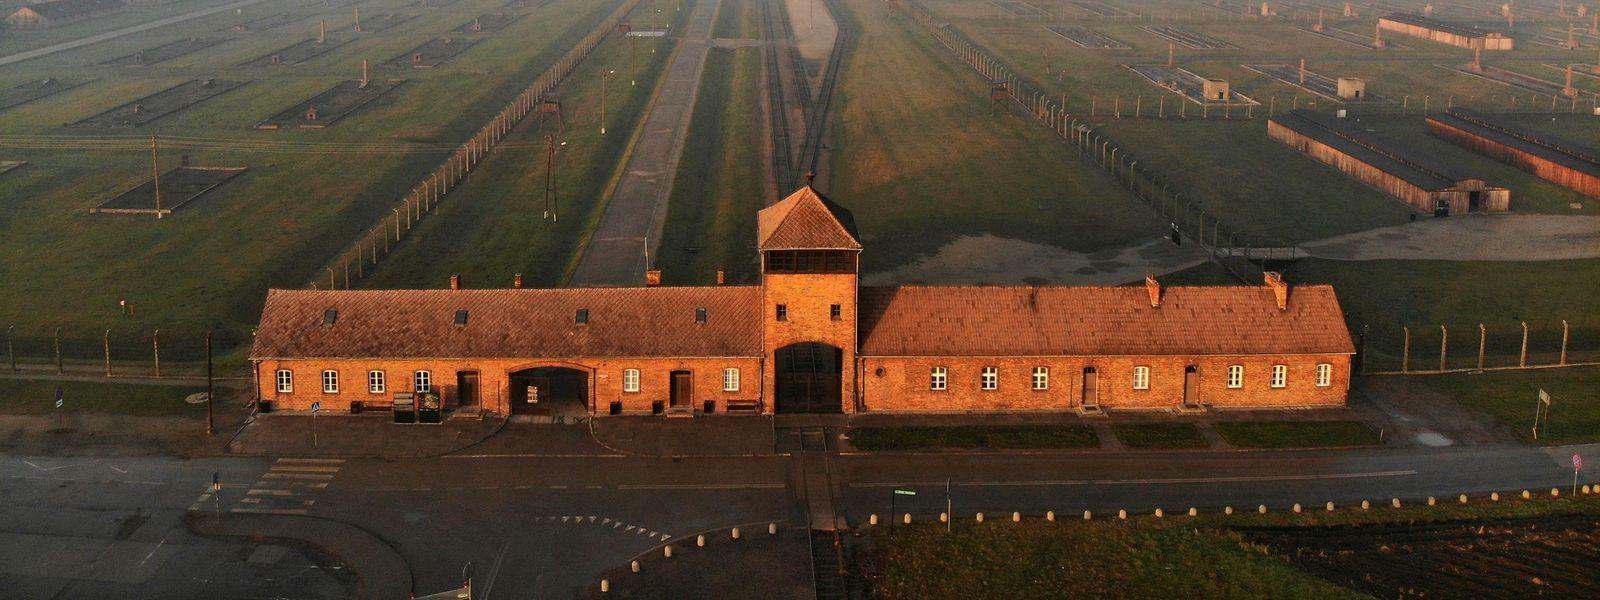 Der Eingang zum Vernichtungslager Auschwitz.